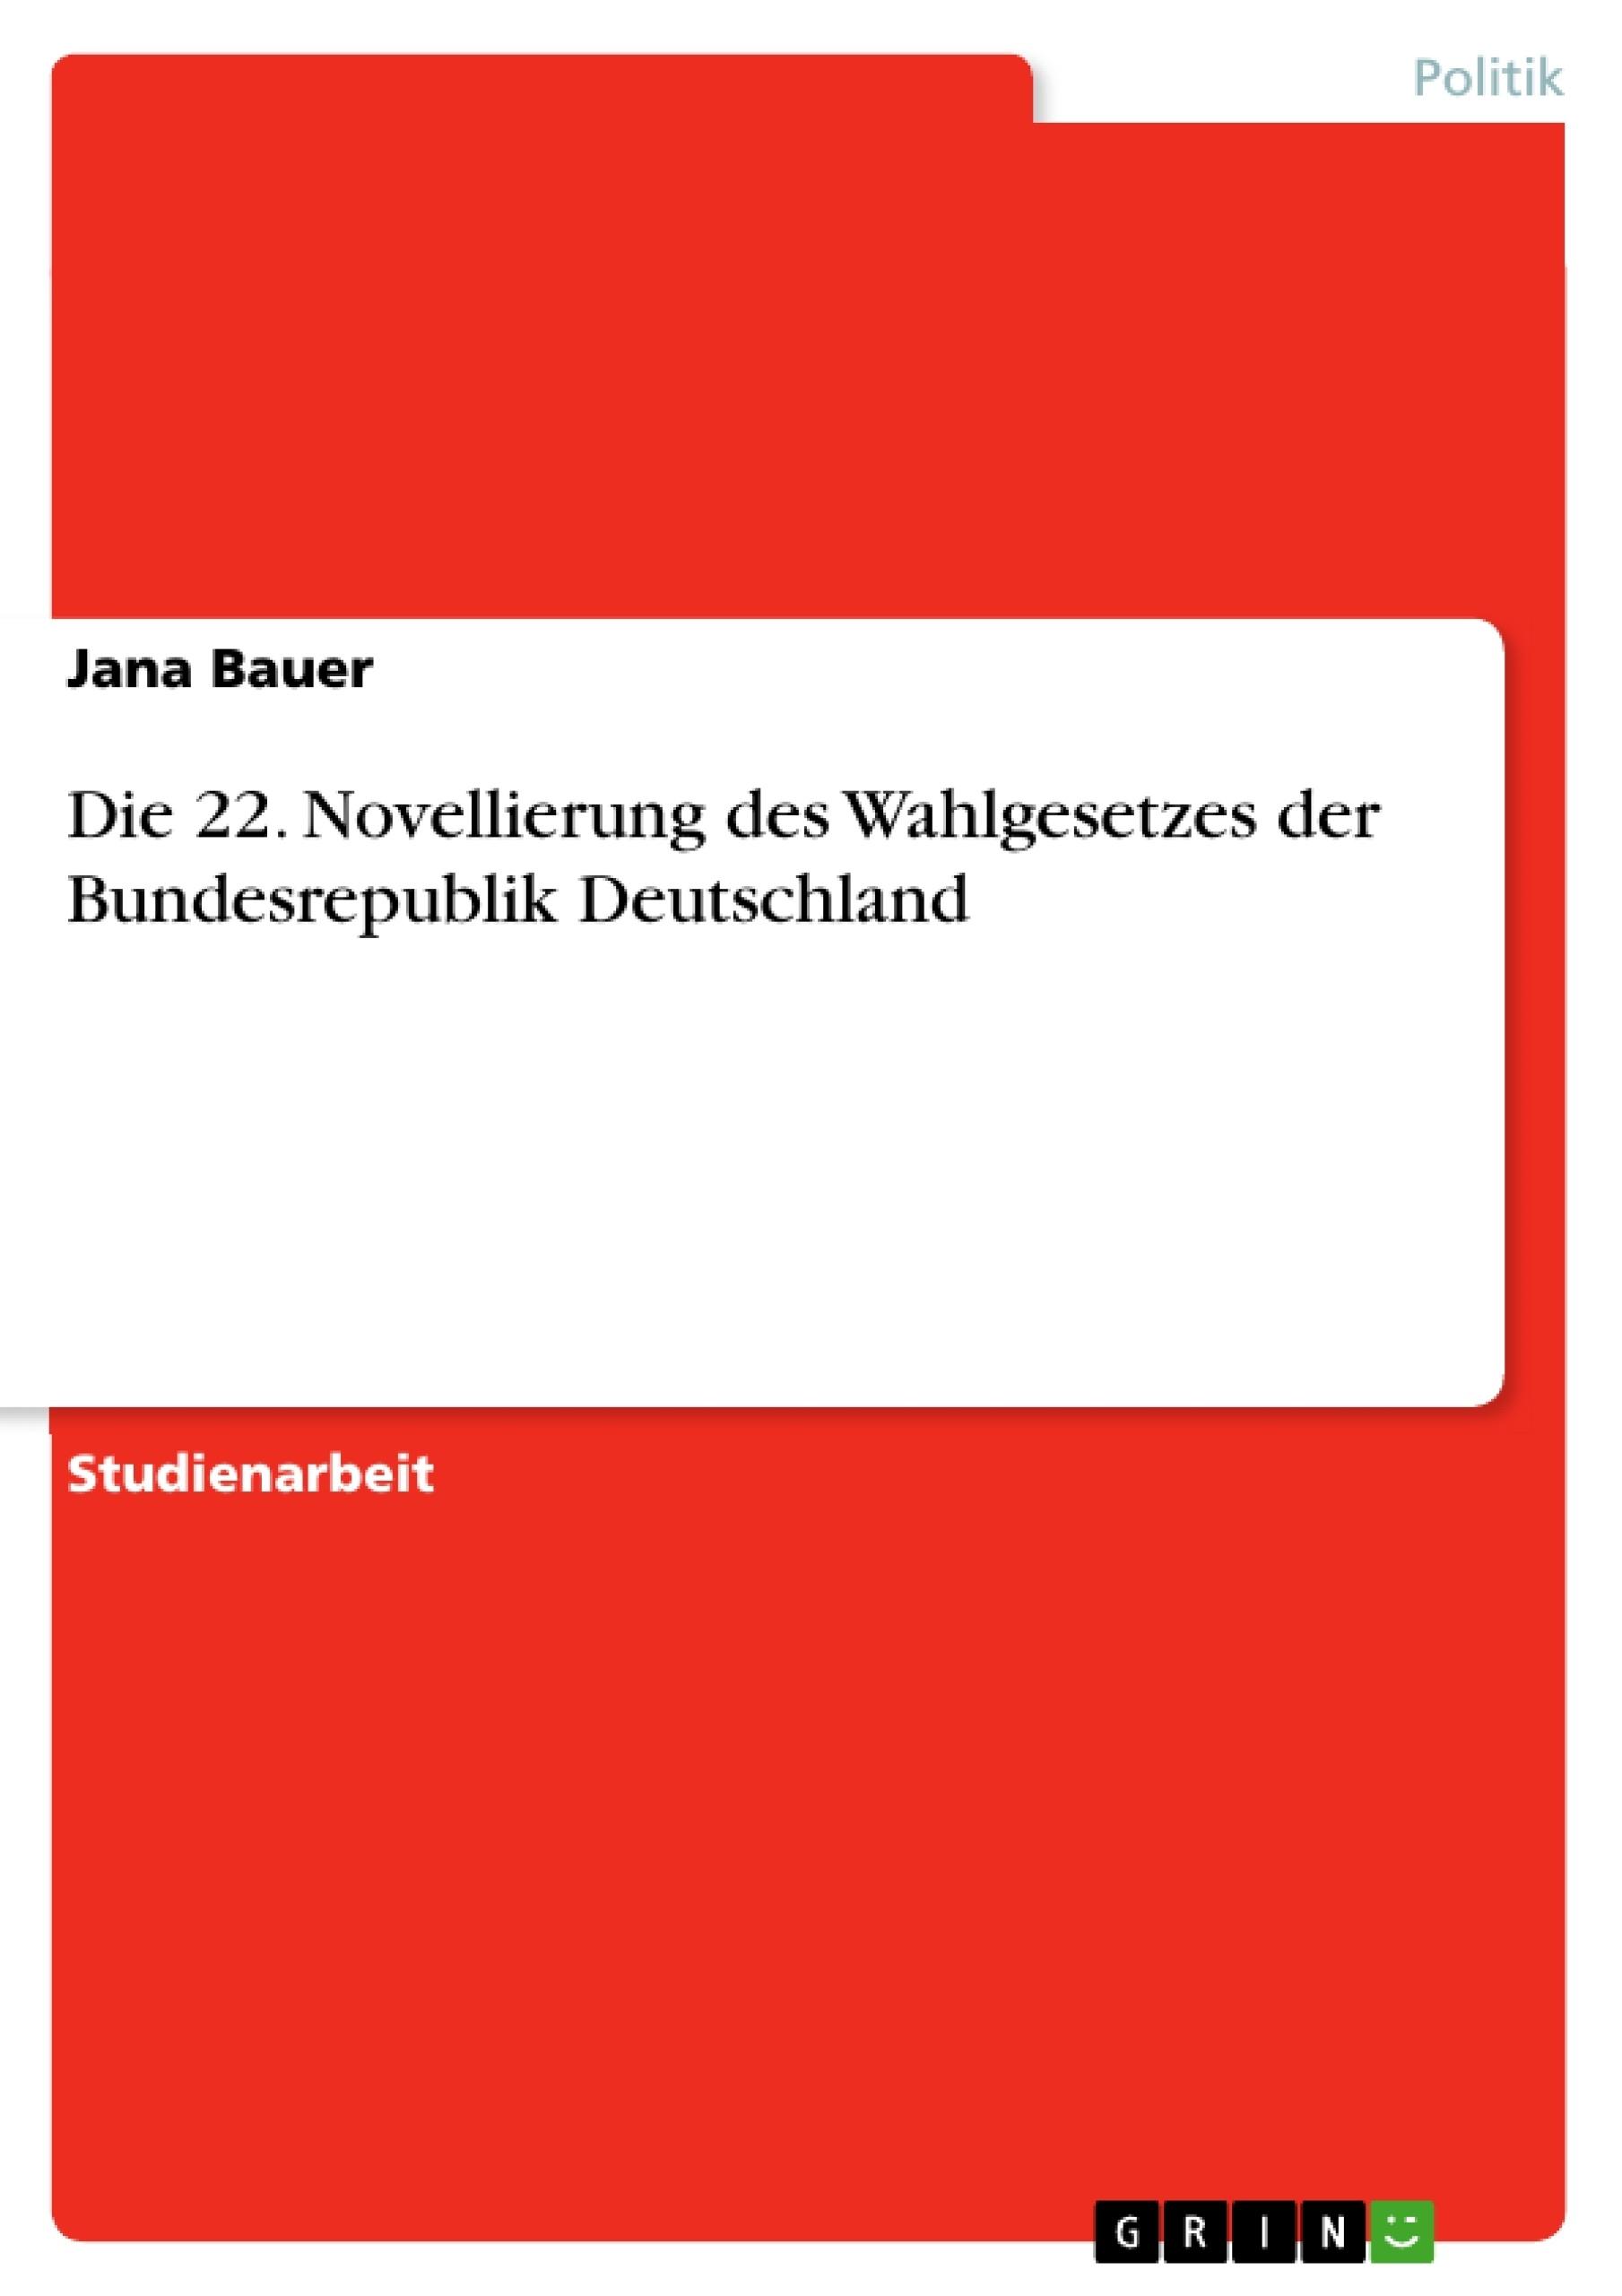 Titel: Die 22. Novellierung des Wahlgesetzes der Bundesrepublik Deutschland